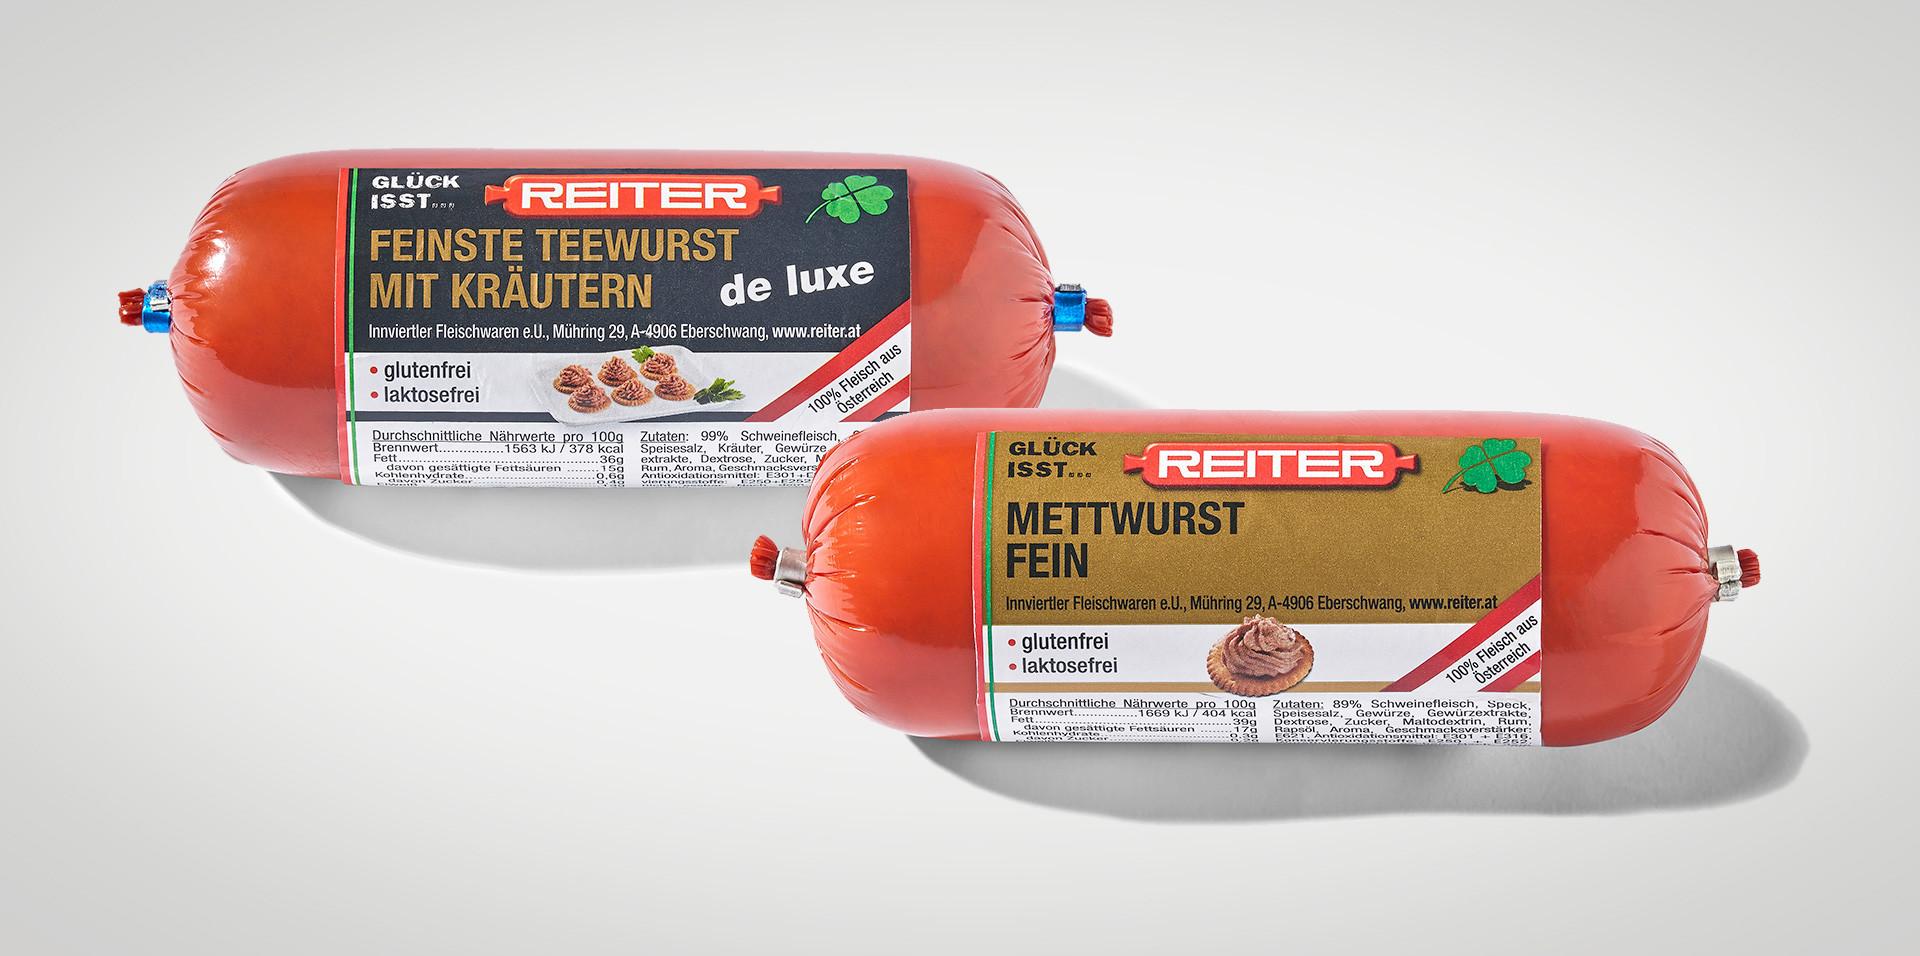 Reiter Tee- und Mettwurst